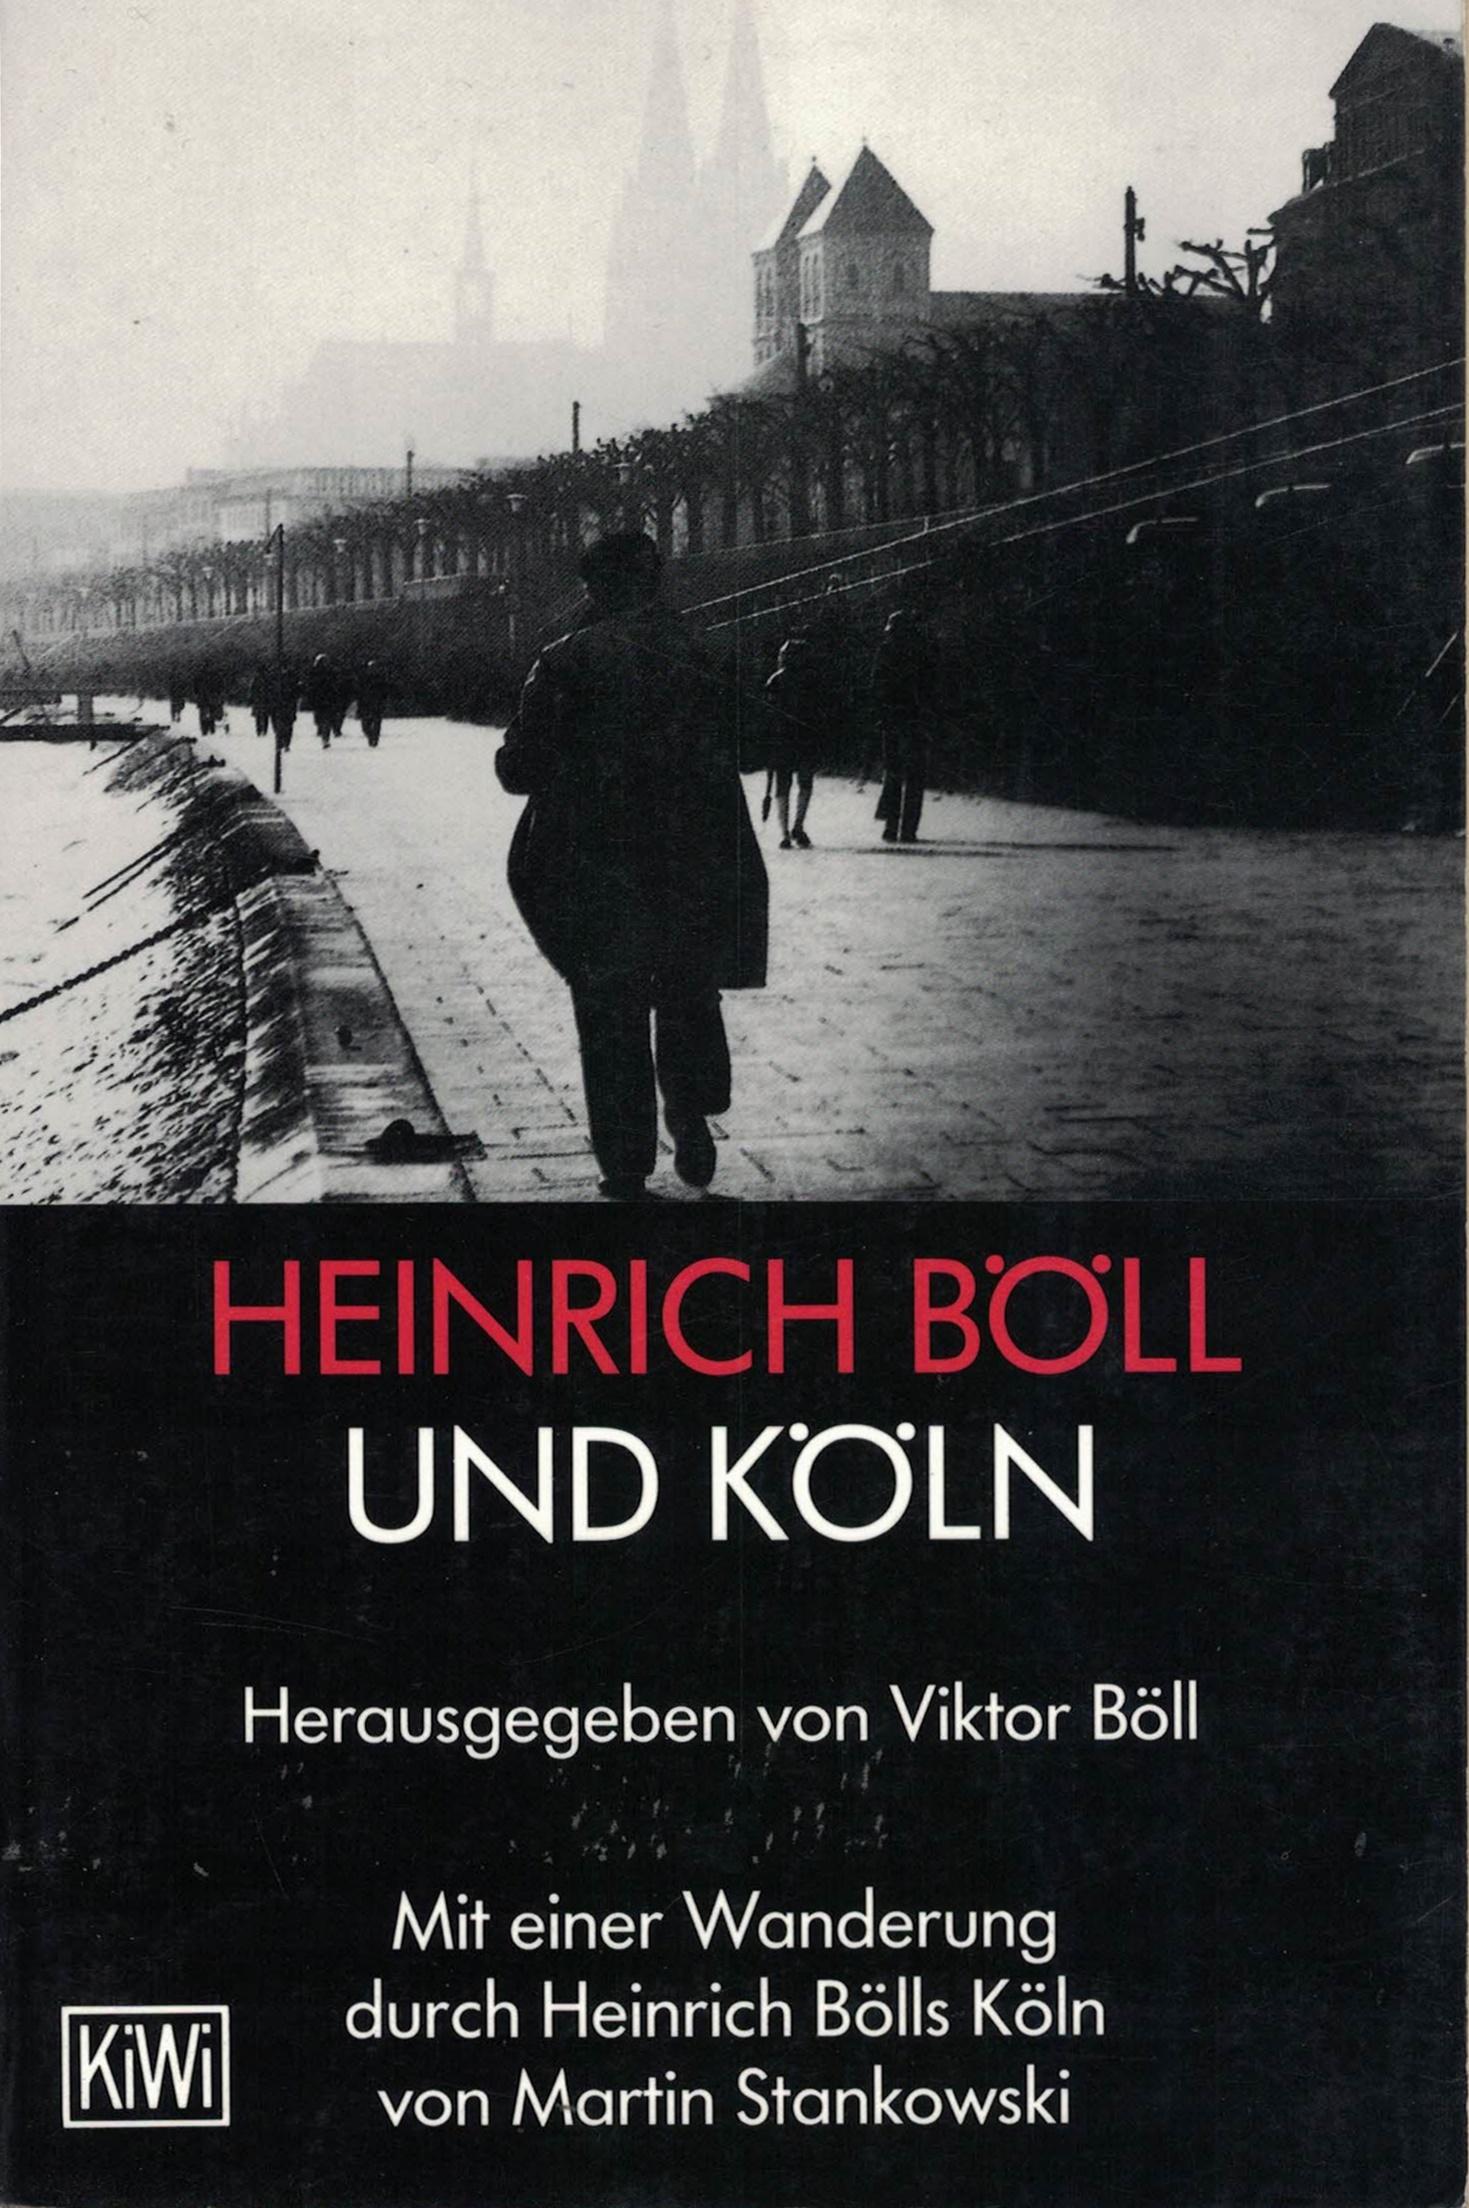 Heinrich Böll und Köln - Herausgegeben von Viktor Böll